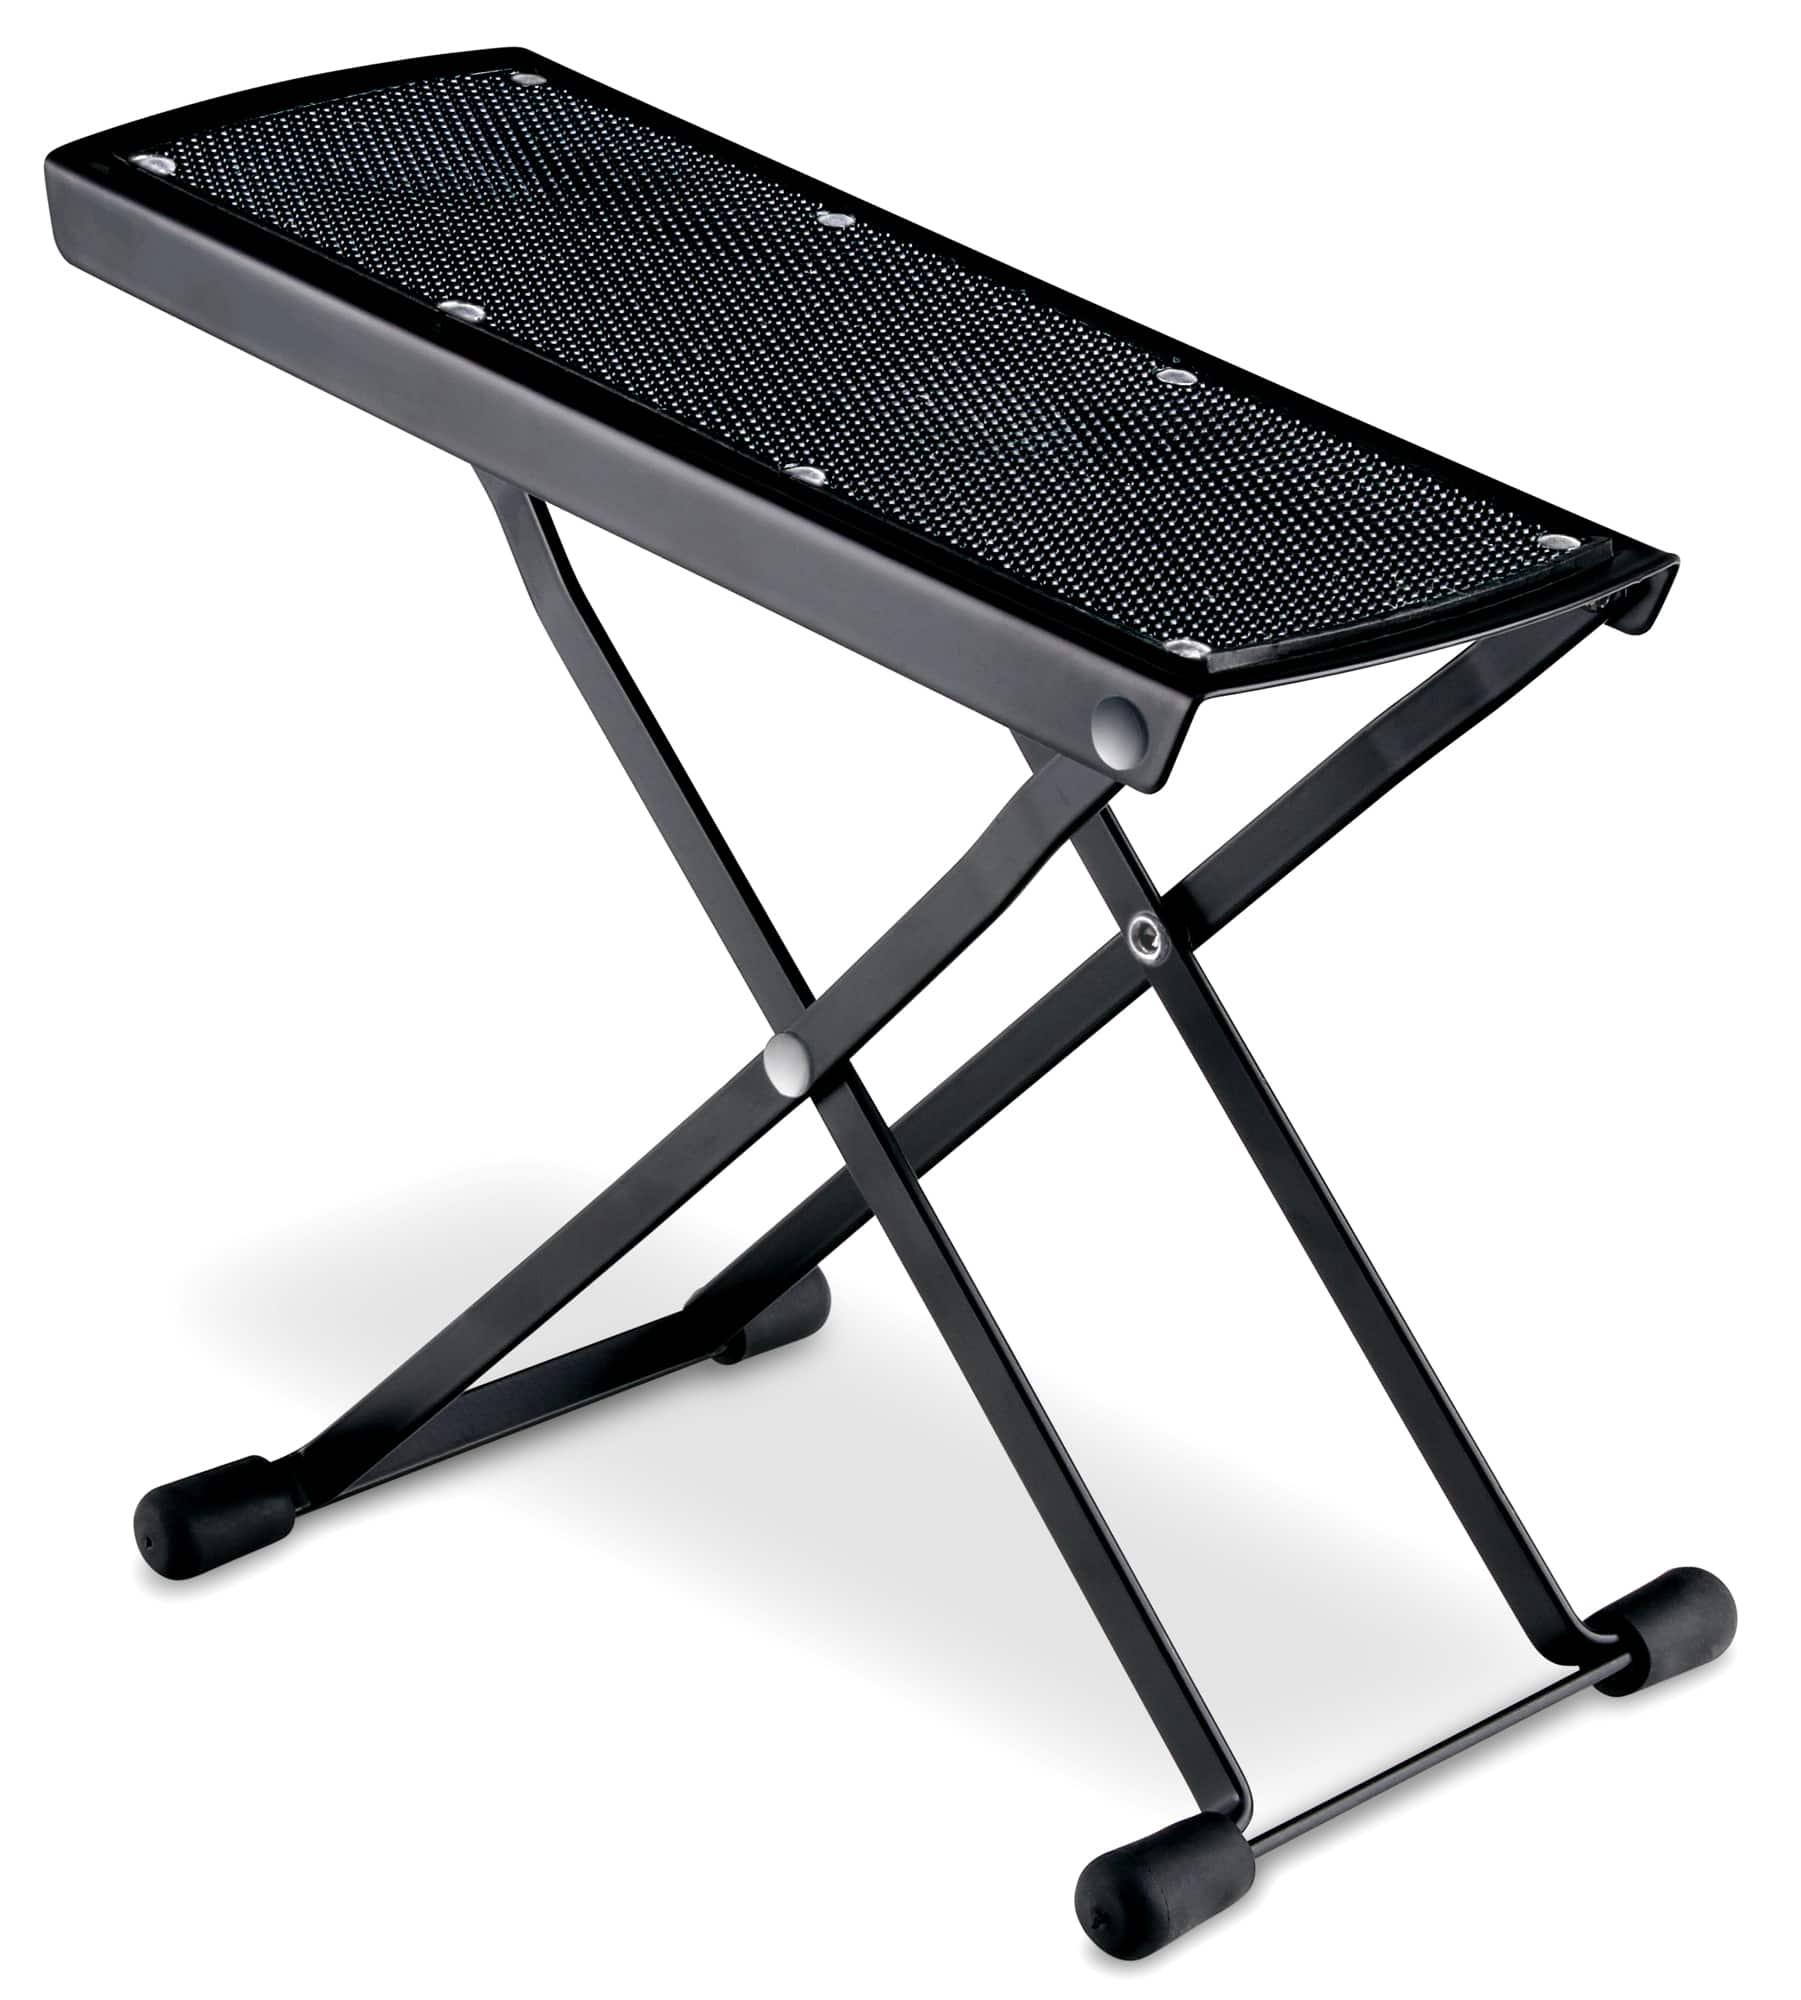 ensemble de 3 rocktile repose pieds pour guitare noir. Black Bedroom Furniture Sets. Home Design Ideas